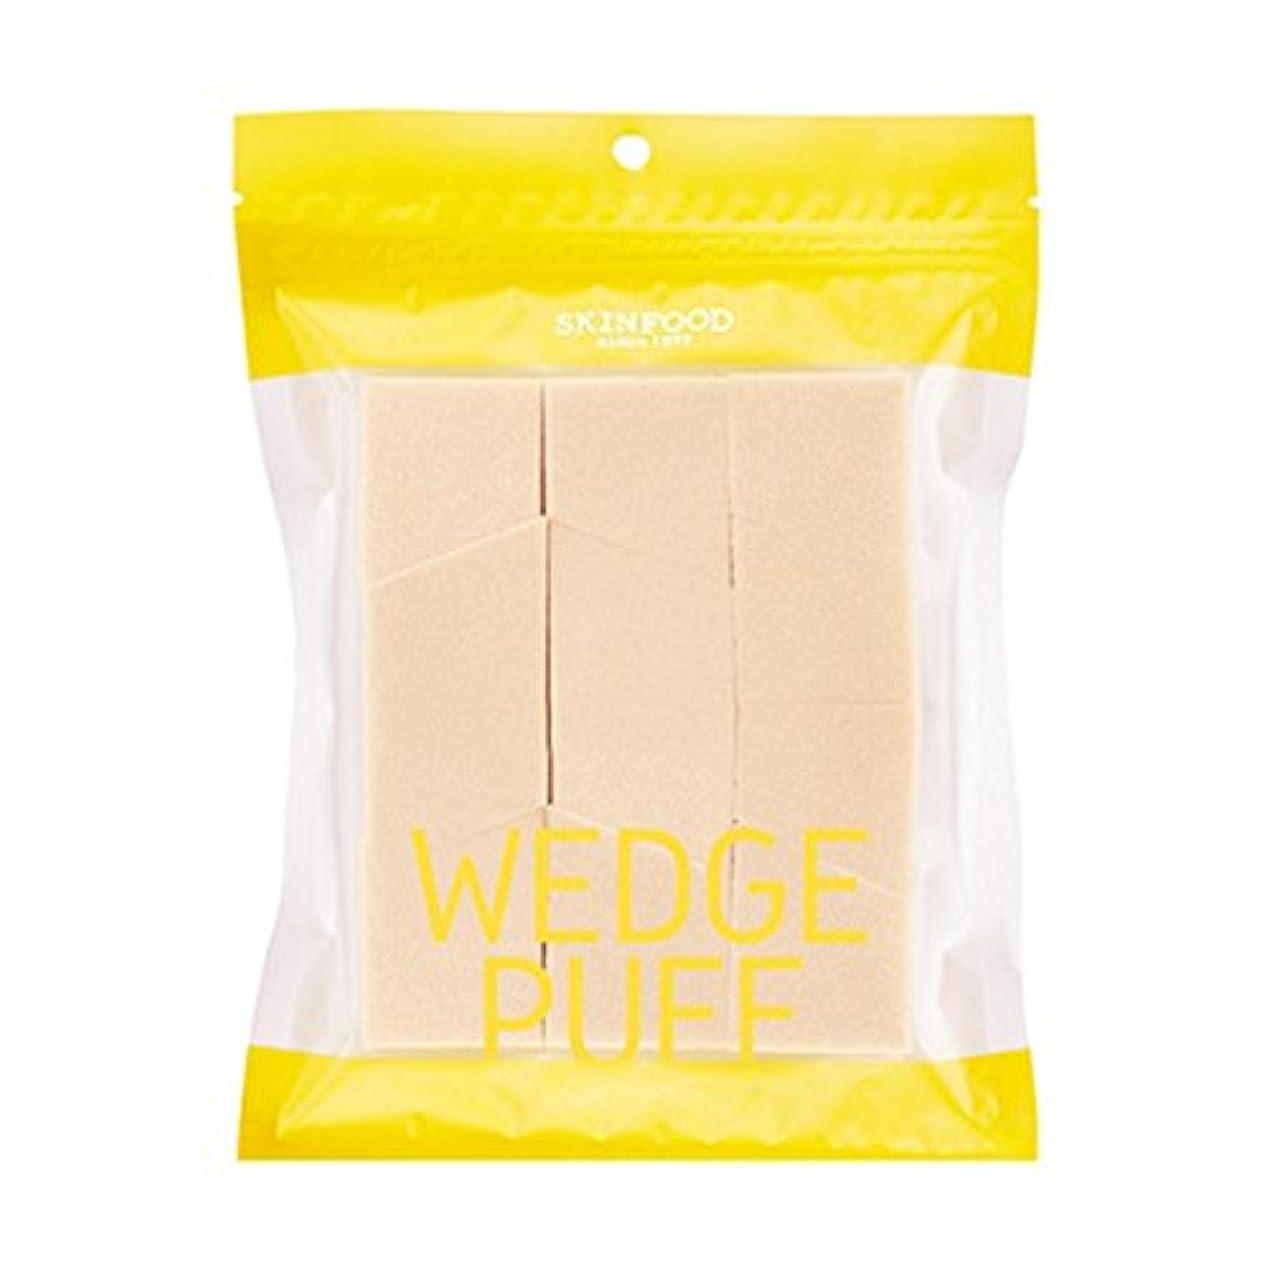 談話メッセージクレーター[2016 New] SKINFOOD Wedge Puff Sponge Jumbo Size (12pcs)/スキンフード ウェッジ パフ スポンジ ジャンボサイズ (12個入り)